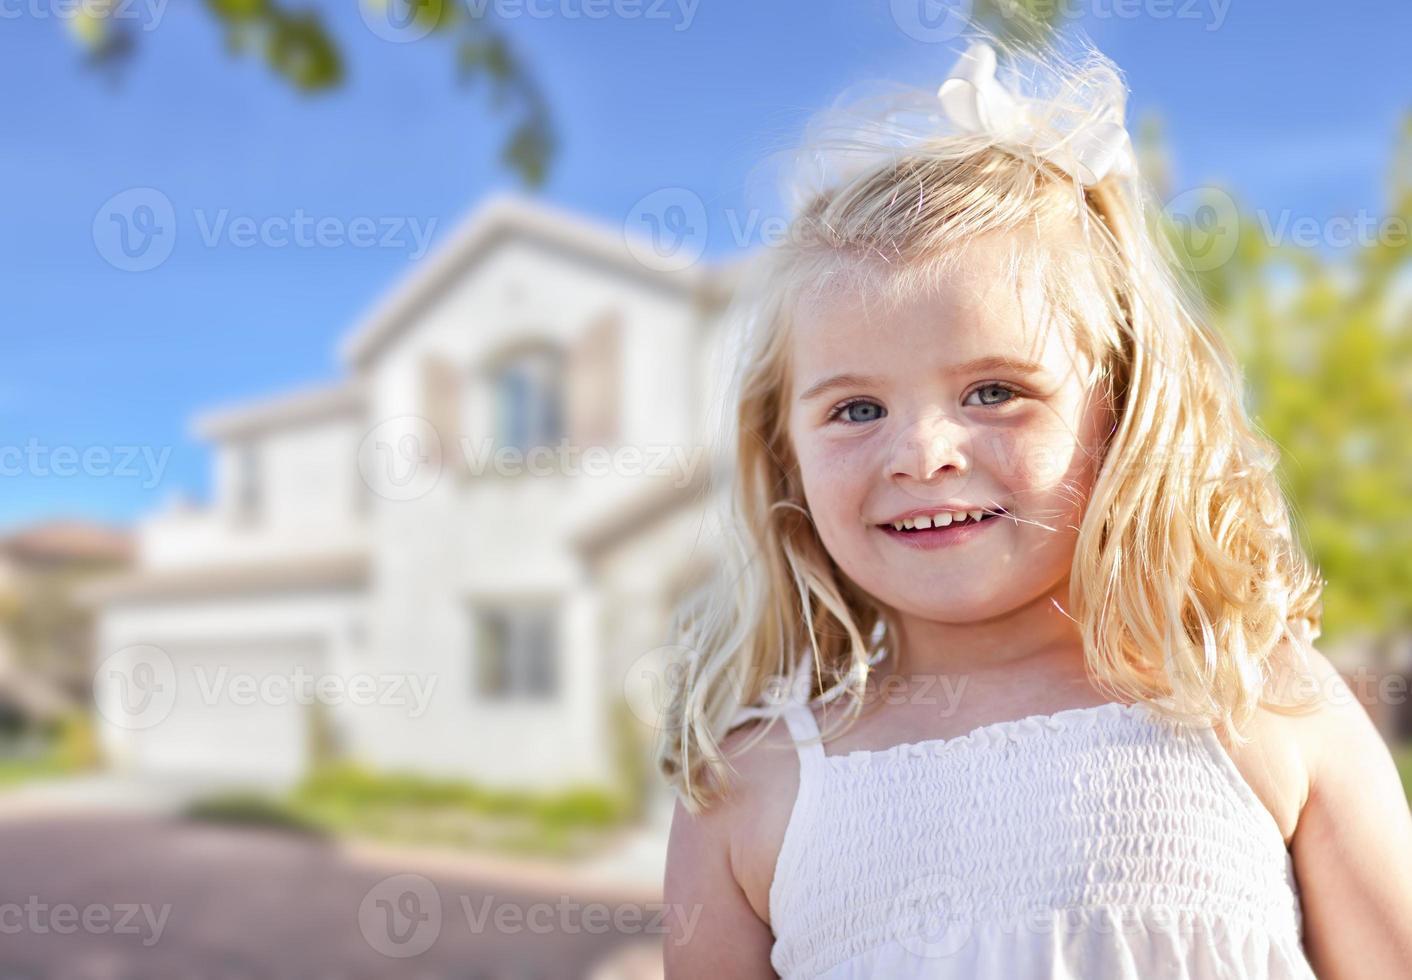 carina ragazza sorridente che gioca nel cortile anteriore foto